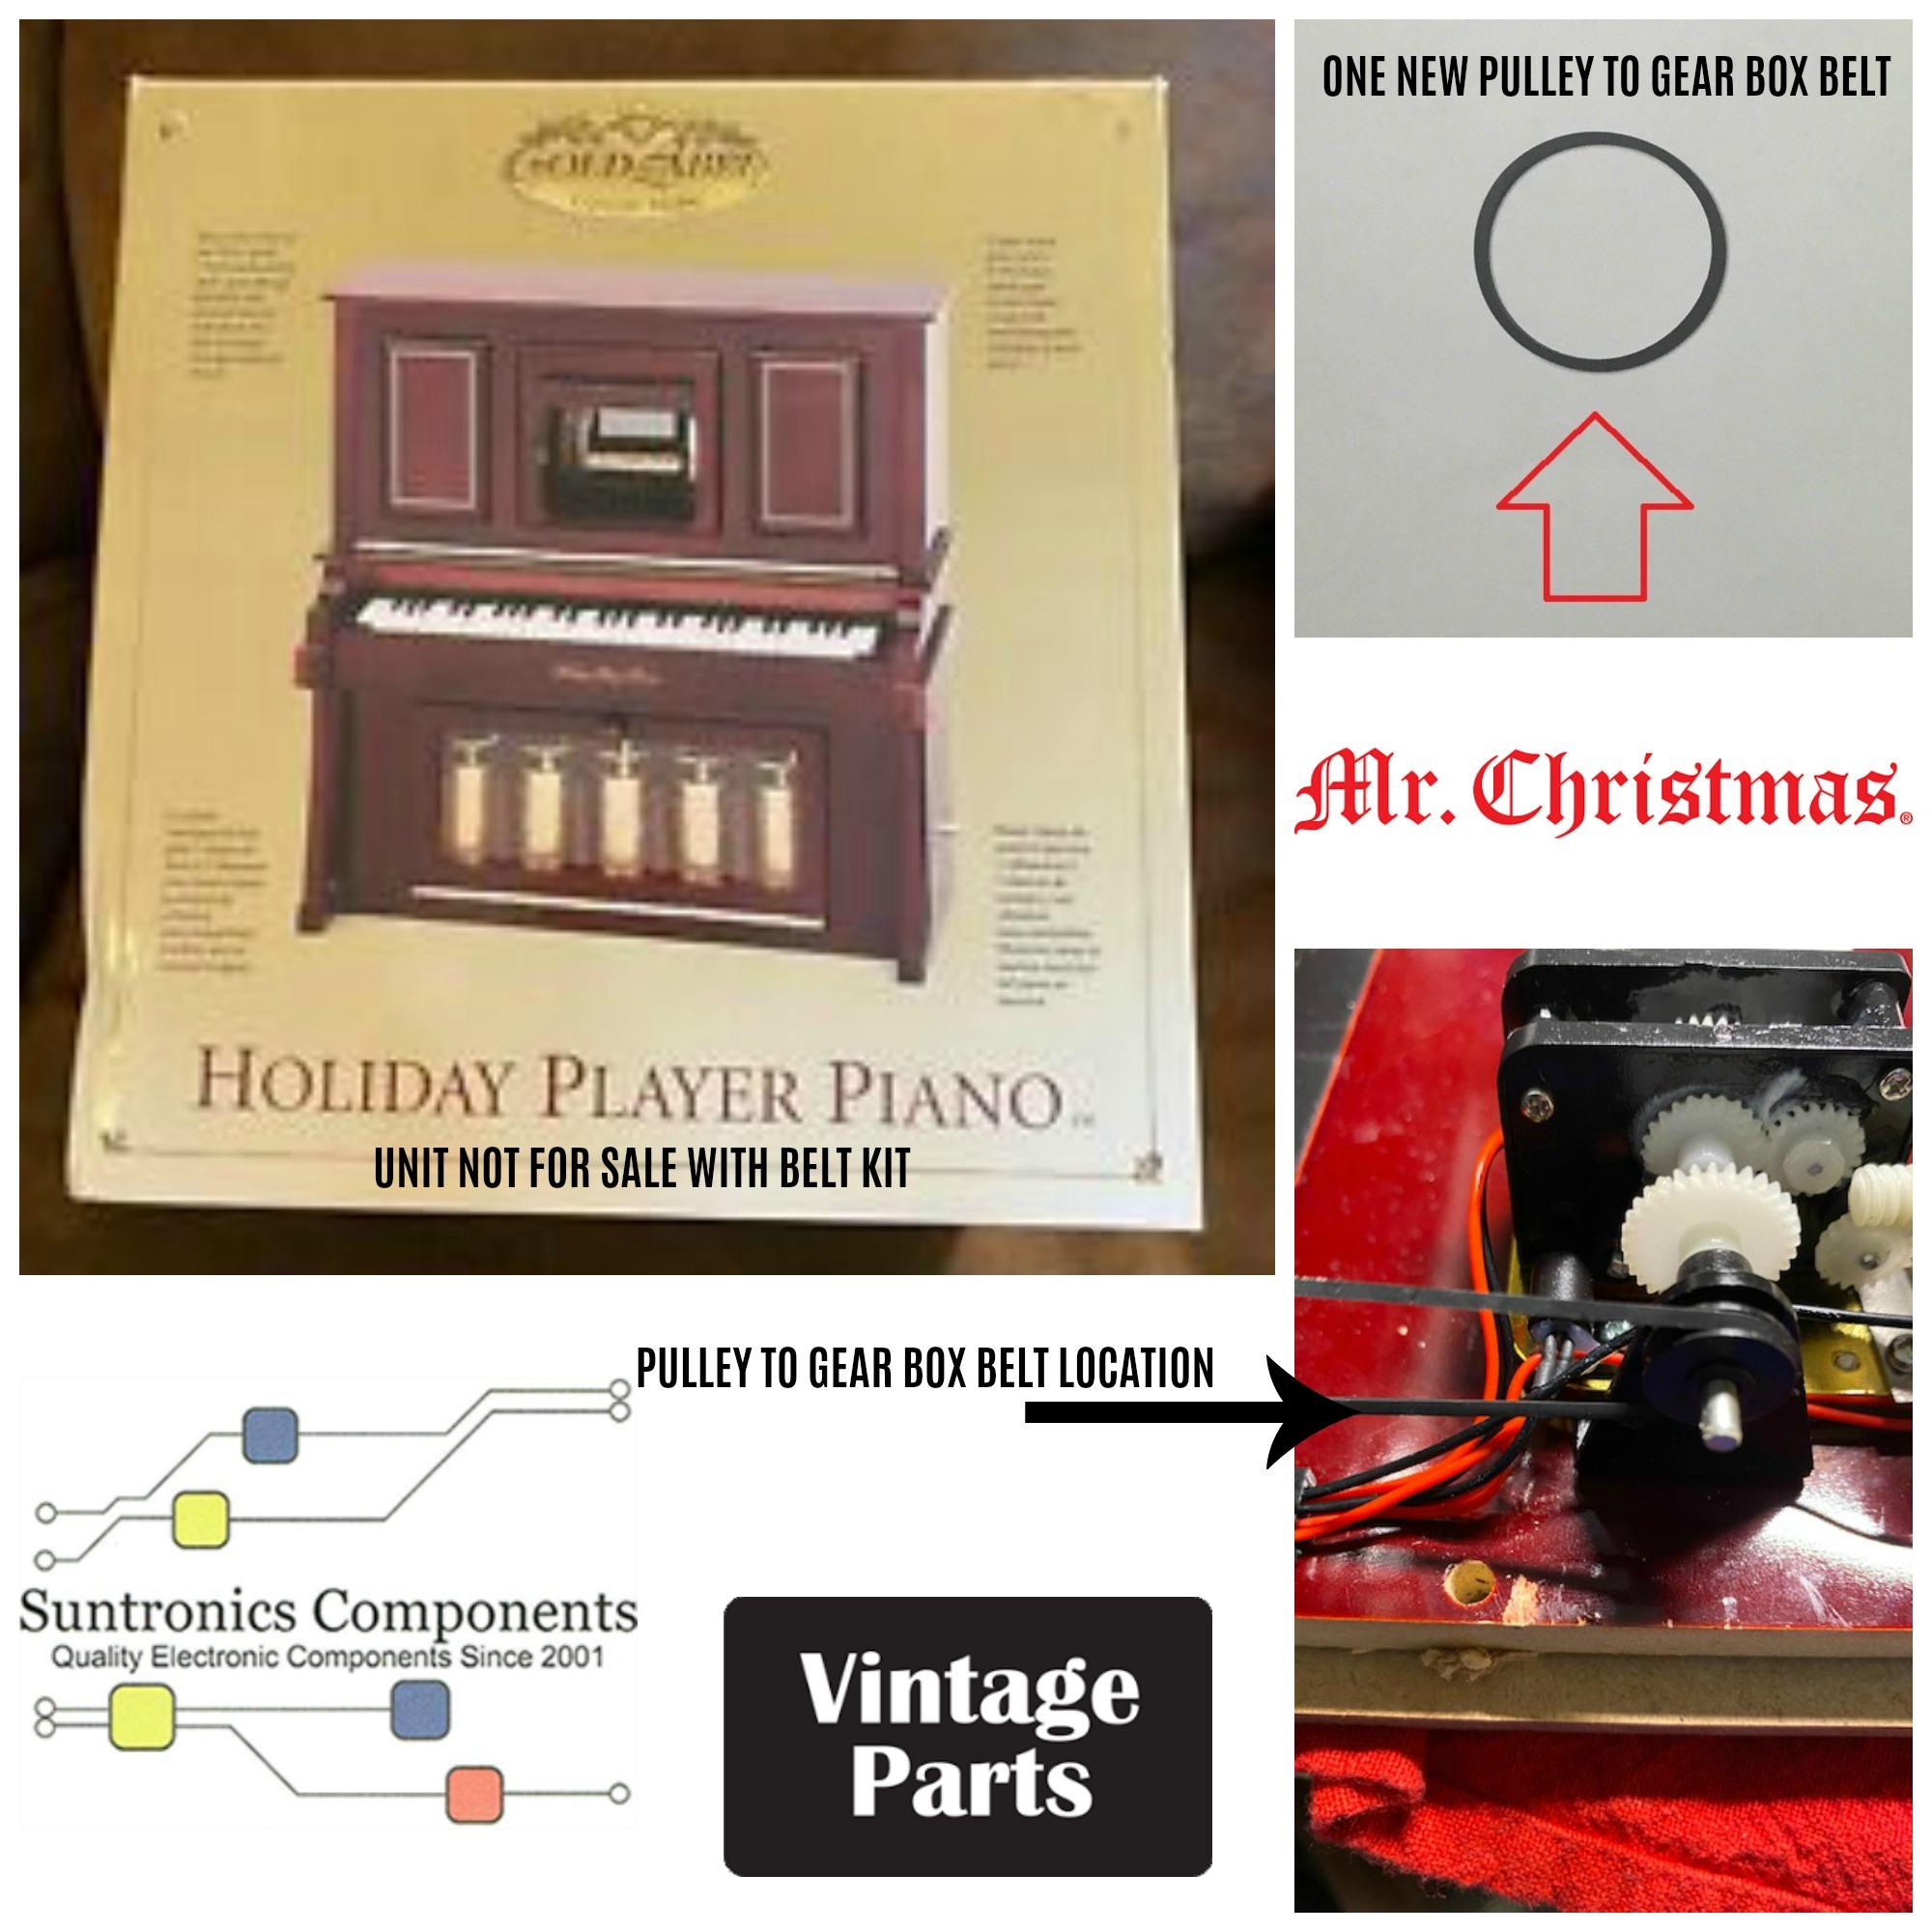 PicMonkey Image MR CHRISTMAS HOLIDAY PLA